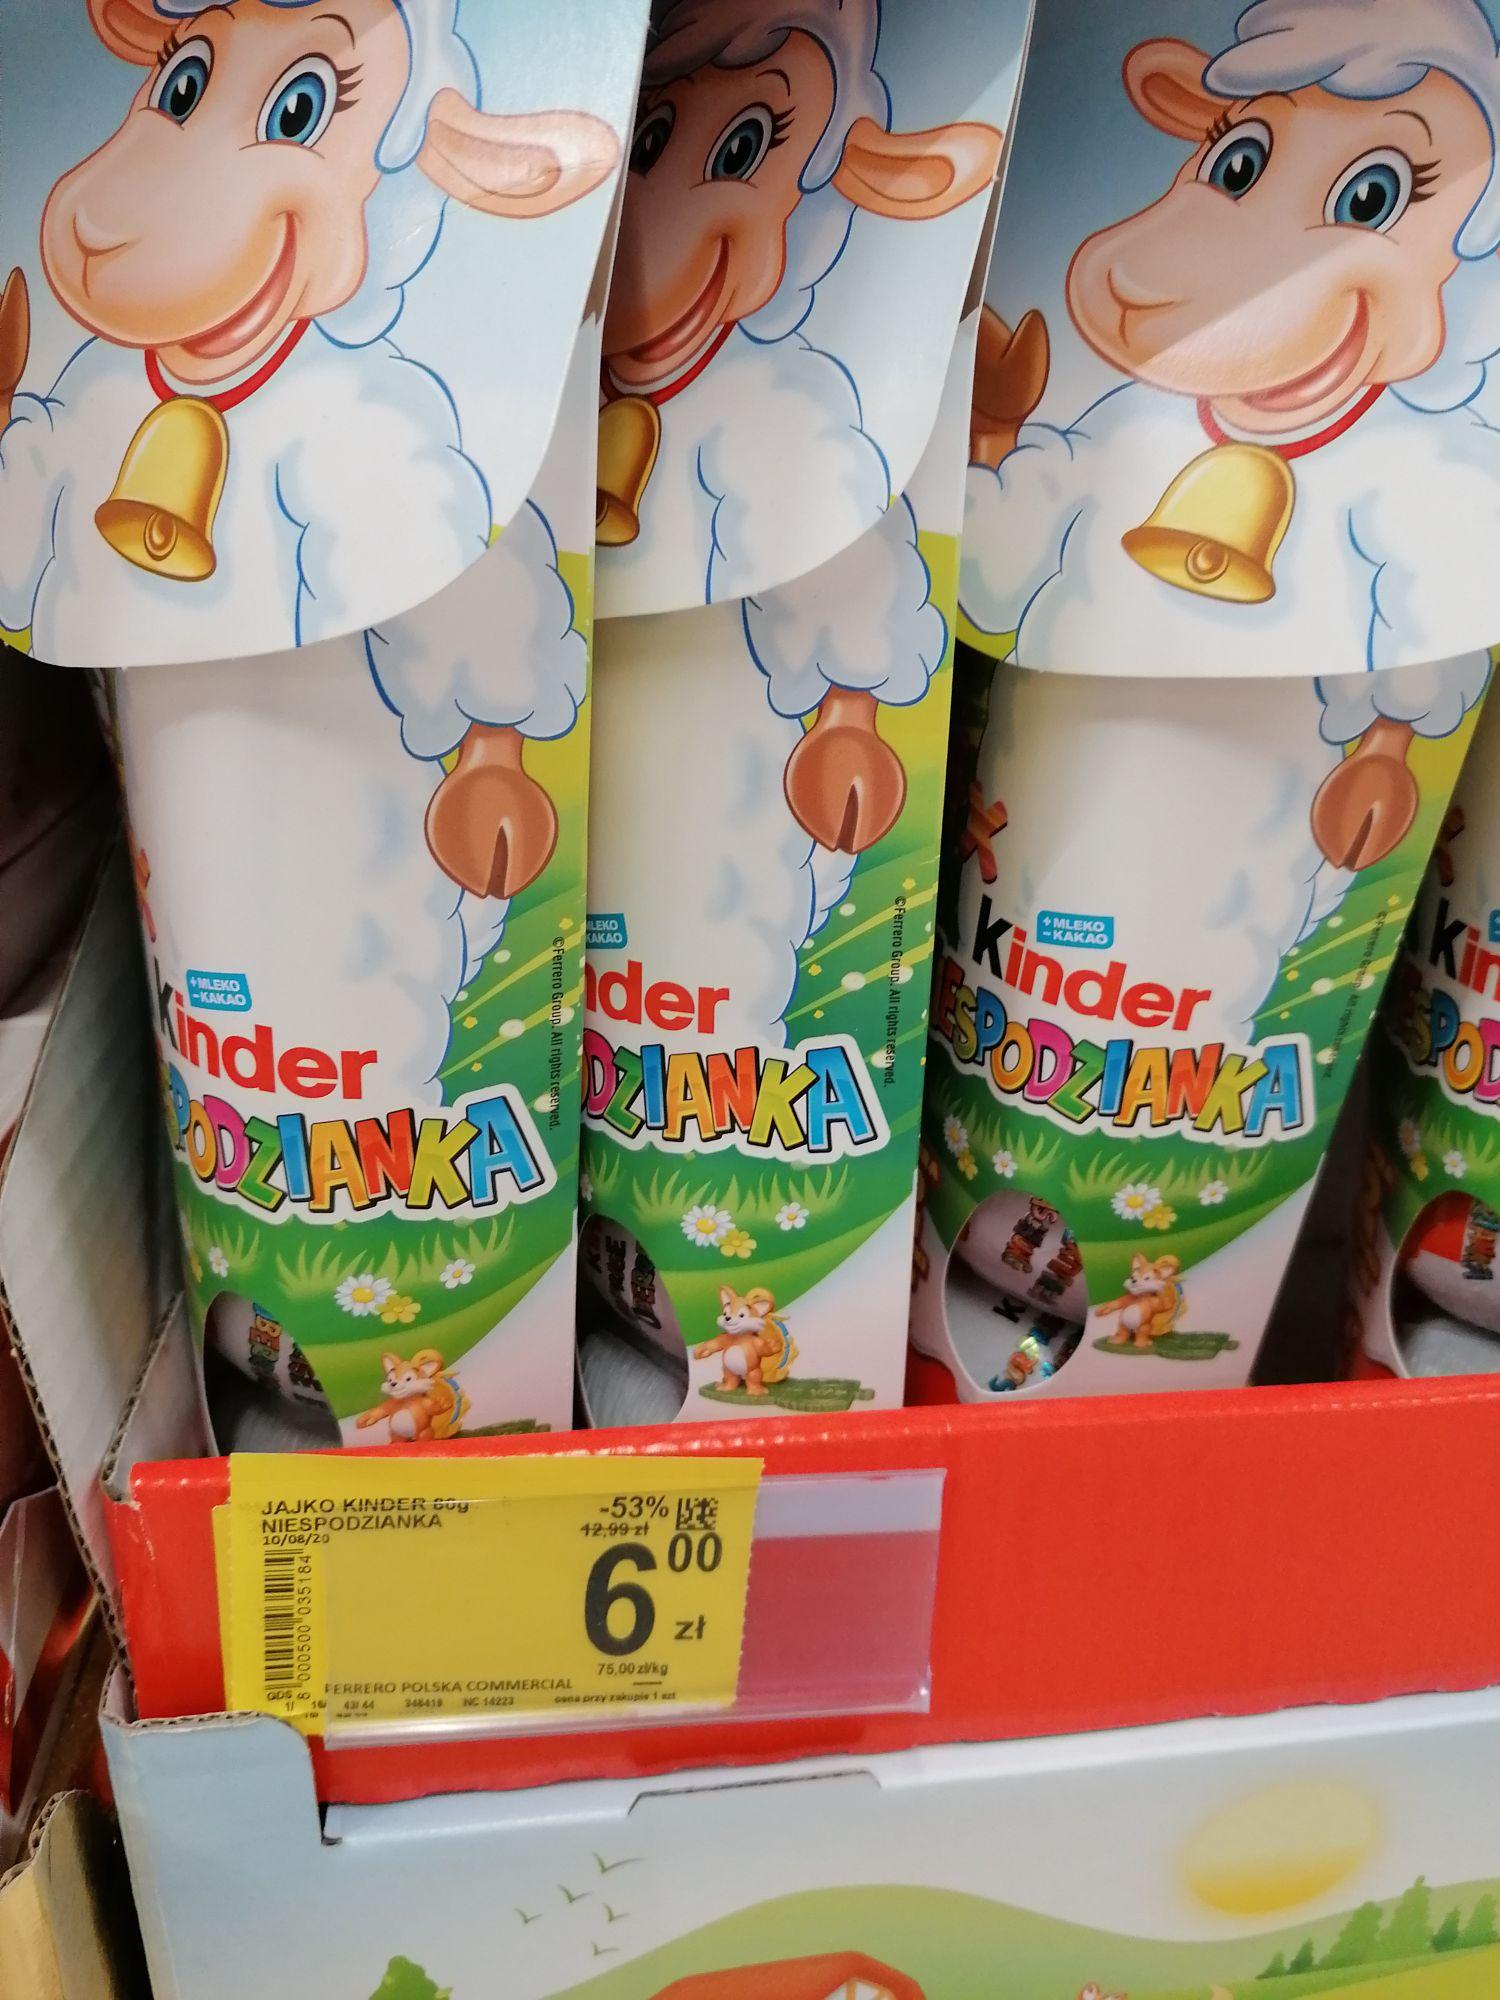 Kinder Niespodzianka - zestaw 4 jajek za 6 złotych